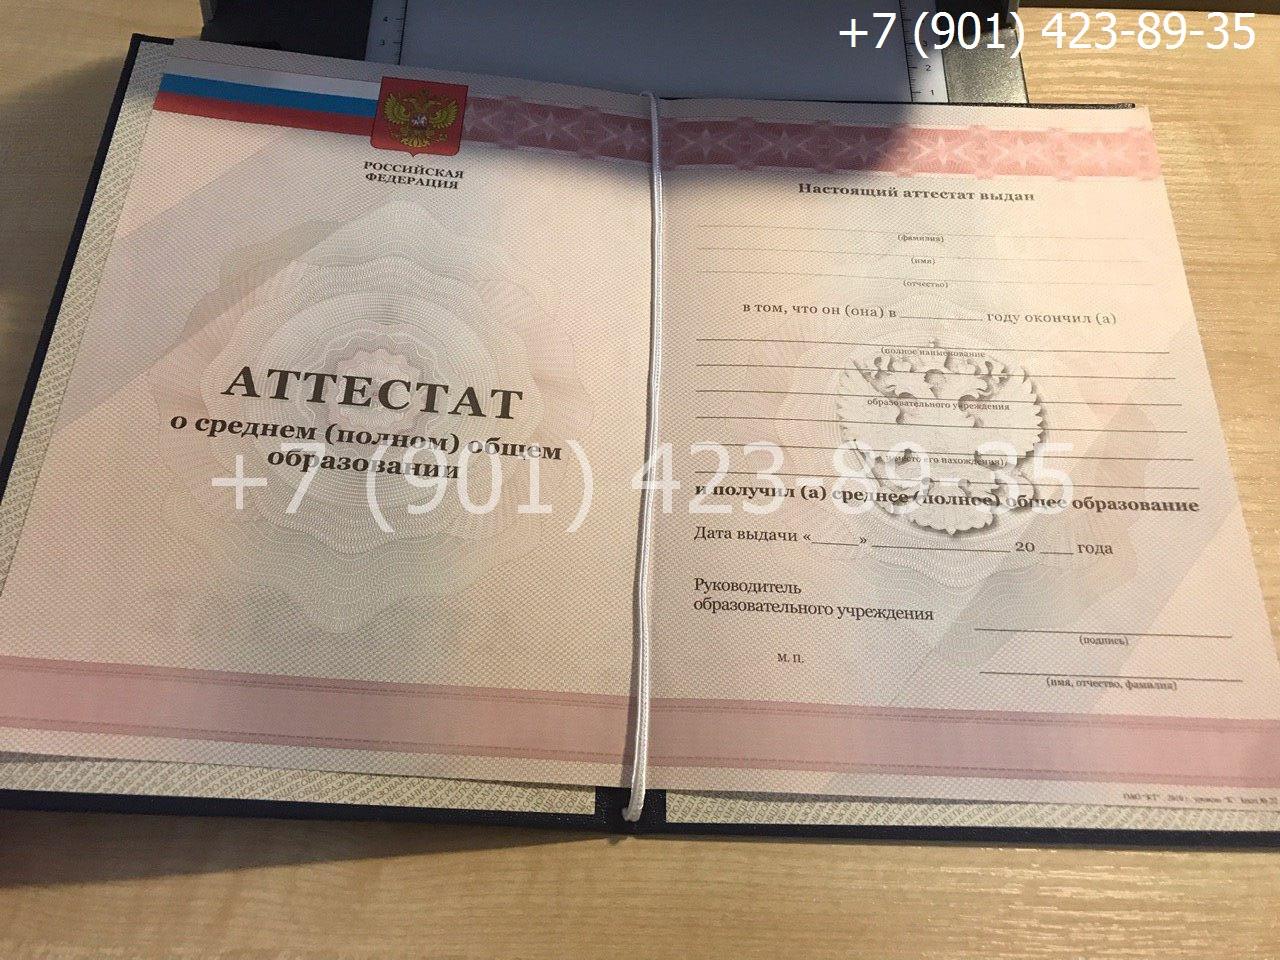 Аттестат 11 класс 2010-2013 годов, старого образца, титульный лист